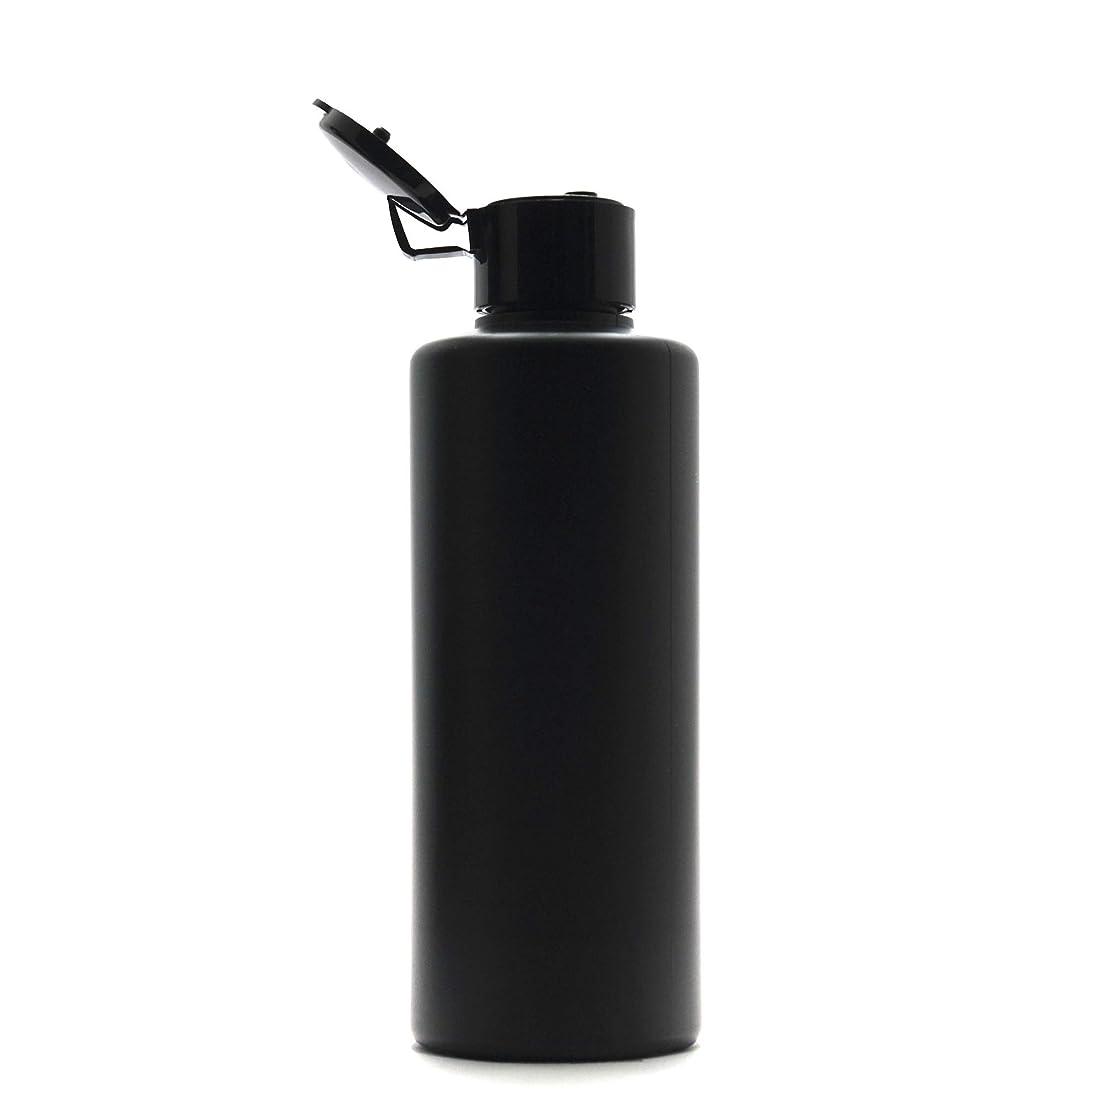 ハウジング聴くフリースプラスチック容器 200mL PE ストレートボトル 遮光黒 [ ヒンジキャップ:ブラック ※パッキン付き ]